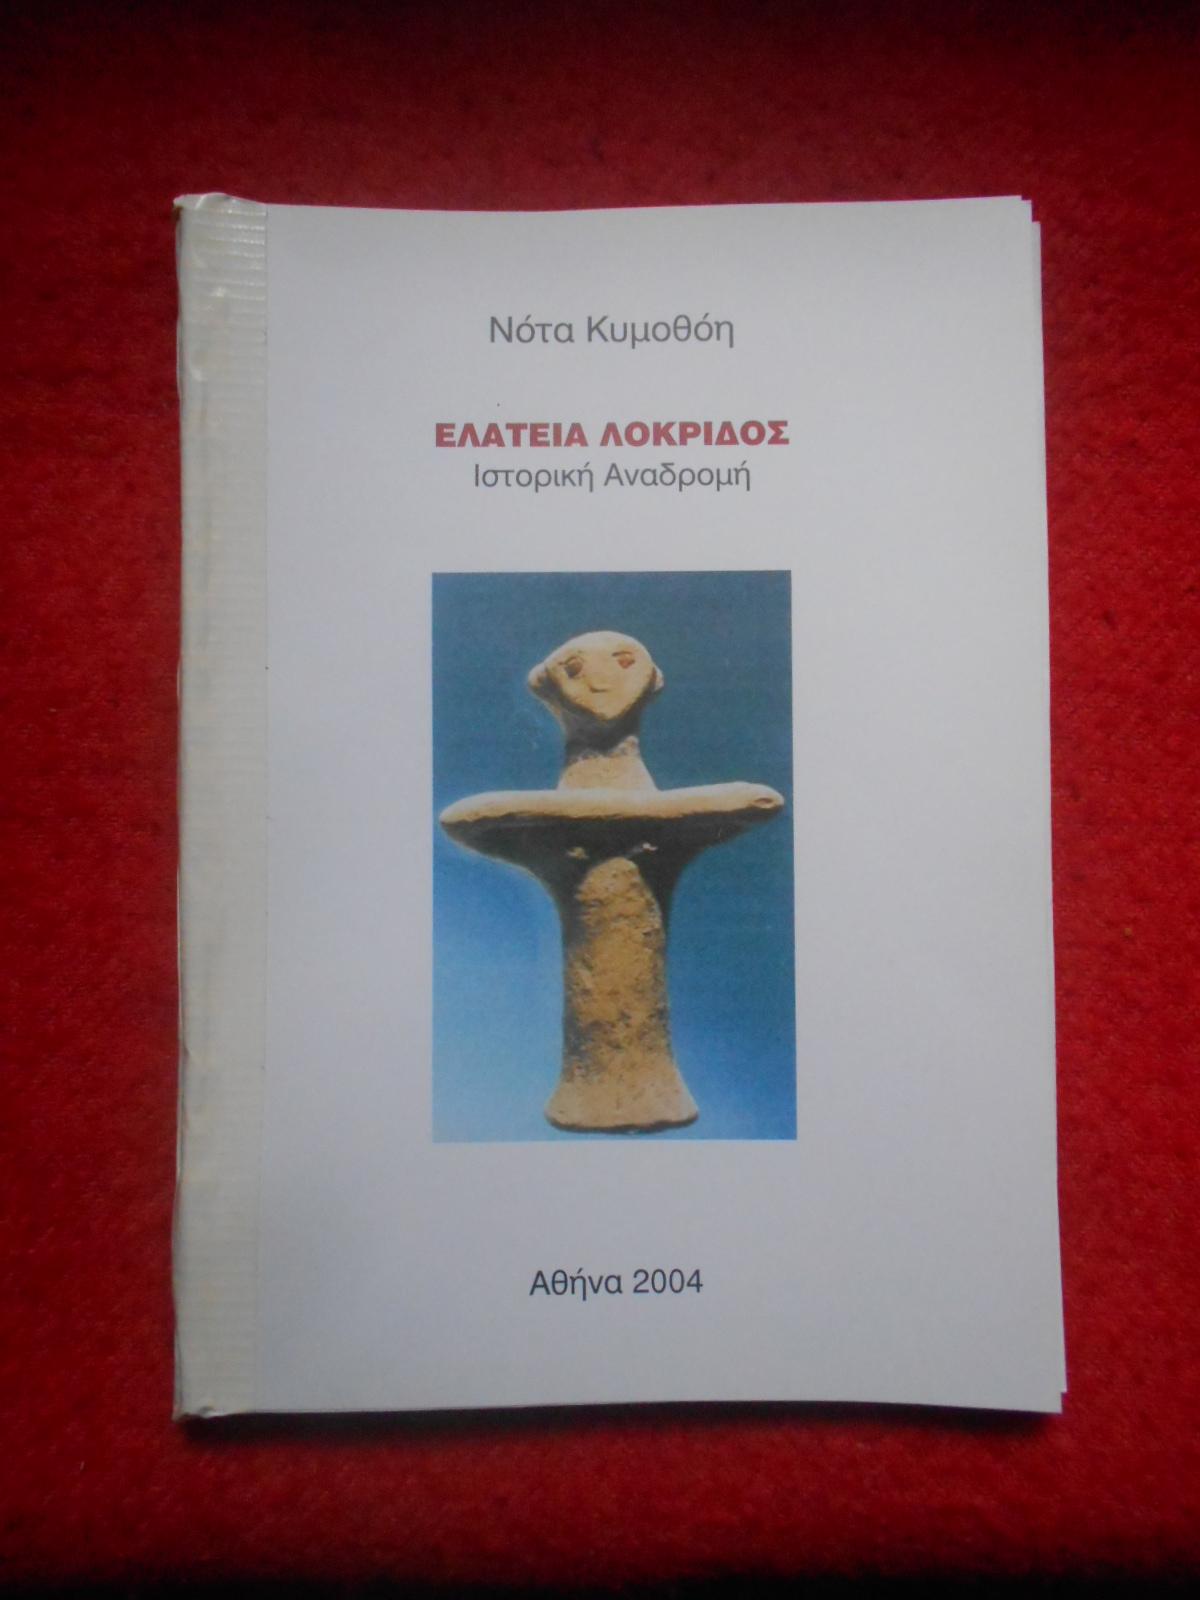 Νότα Κυμοθόη Ελάτεια Λοκρίδος Ιστορική Αναδρομή, Βιβλίο